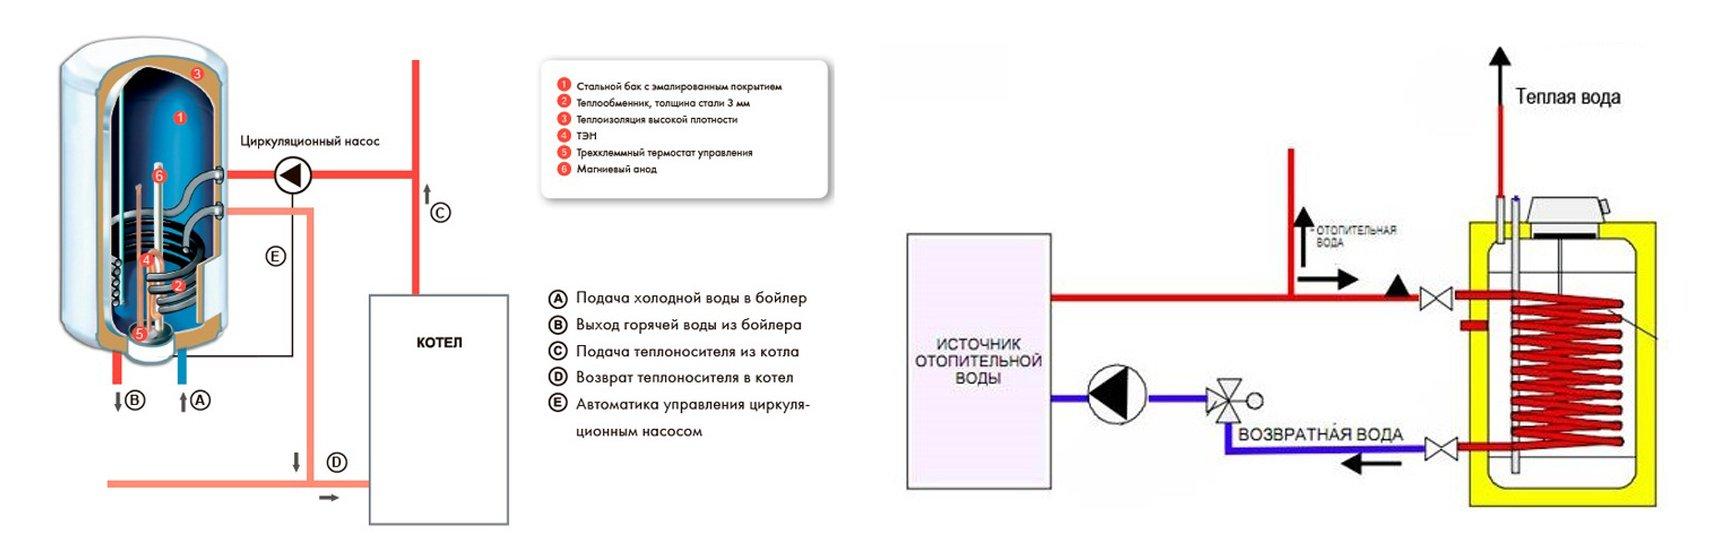 Схема работы котла косвенного нагрева